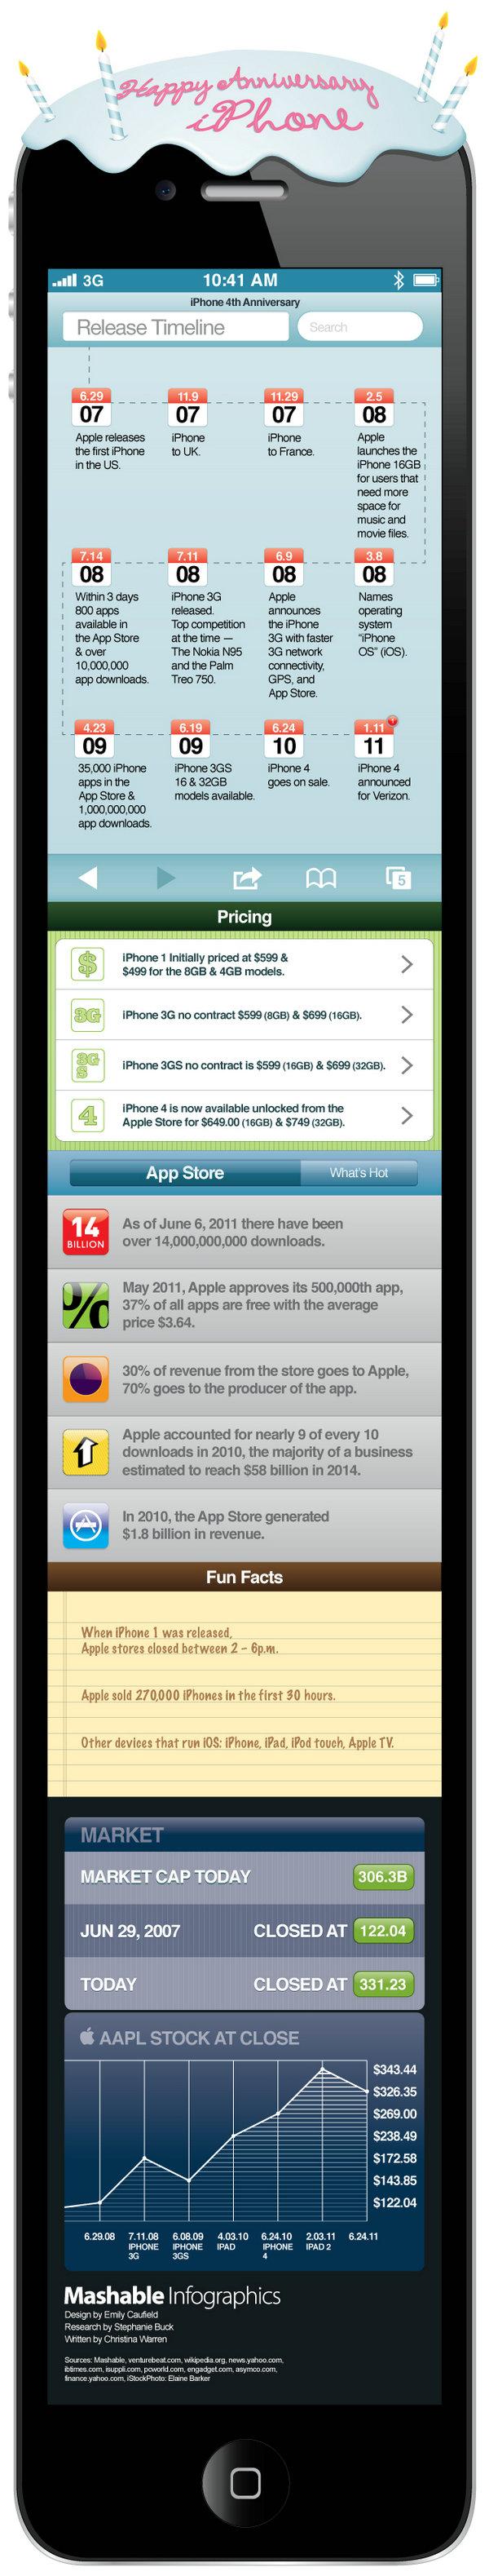 Appstore应用商店四年数据